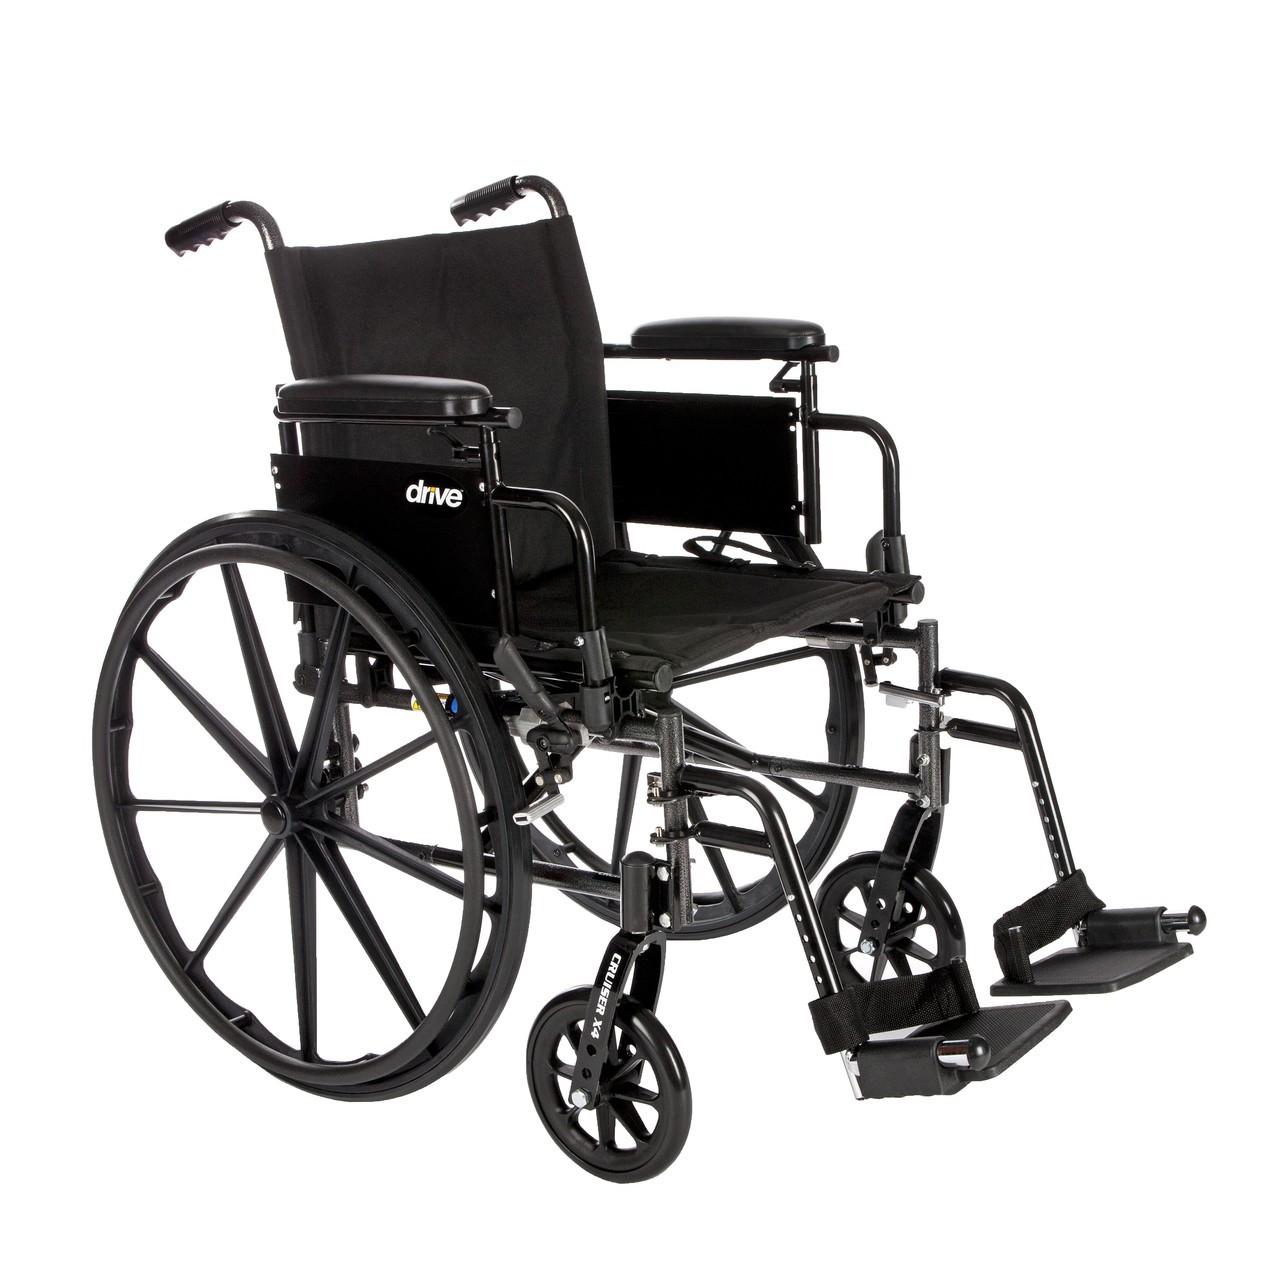 Drive Cruiser X4 Wheelchair Parts